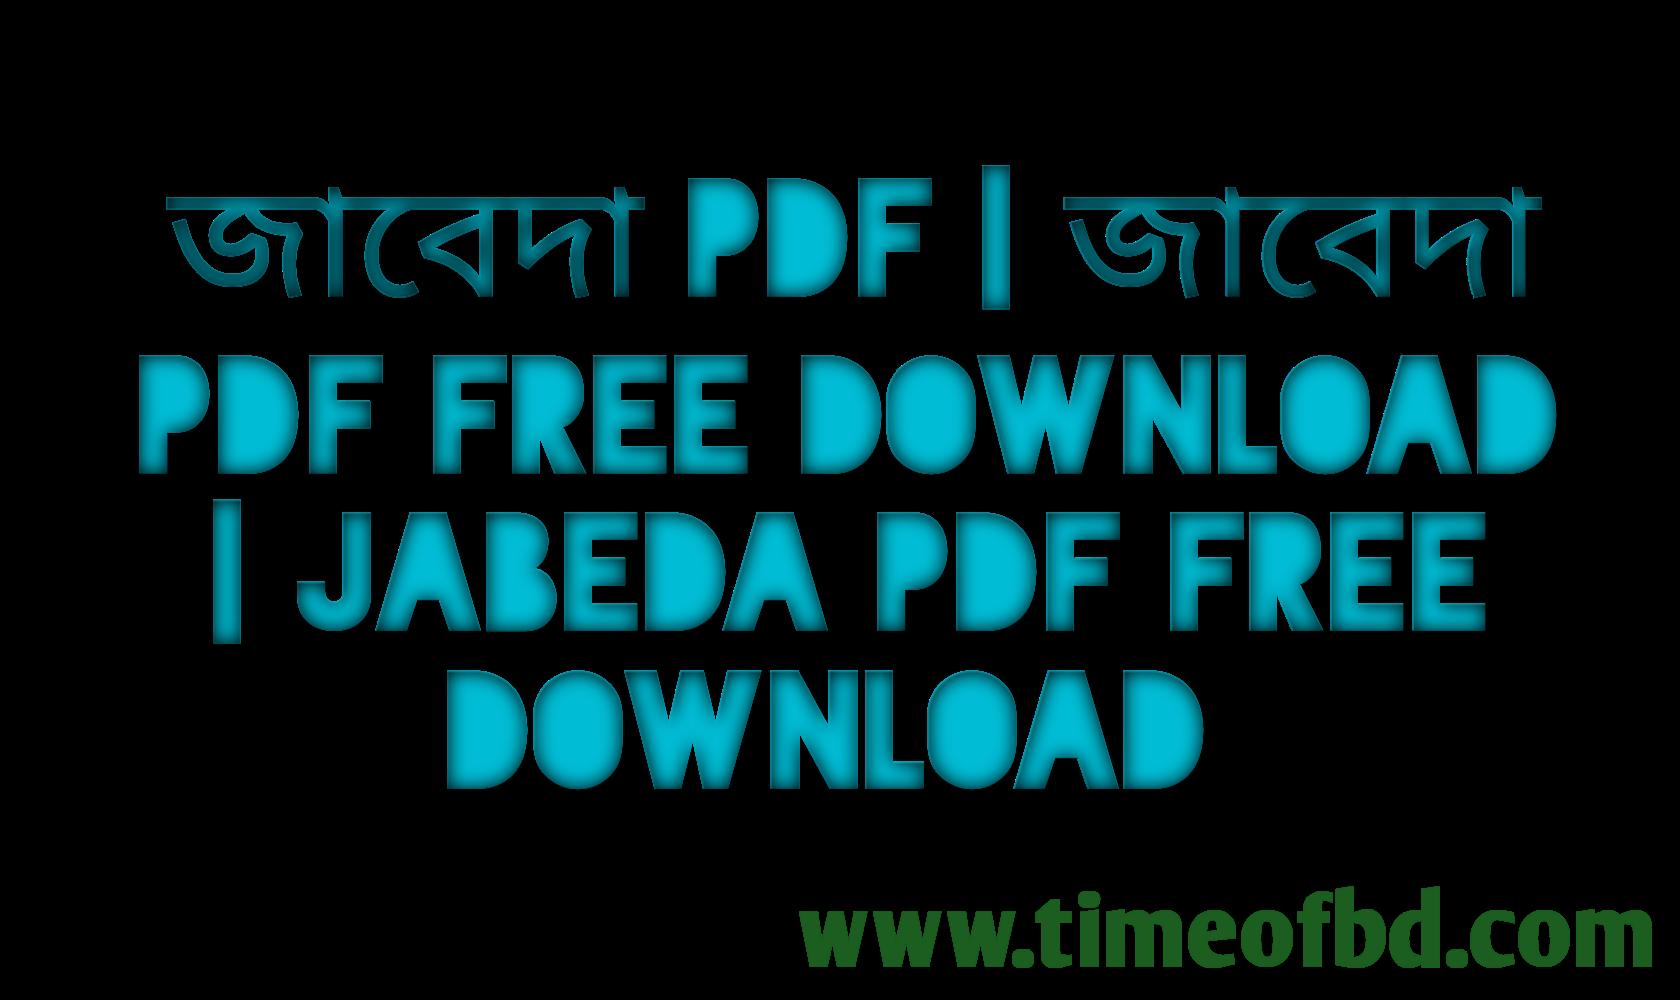 জাবেদা pdf, জাবেদা pdf free download, জাবেদা পিডিএফ ডাউনলোড, জাবেদা পিডিএফ,